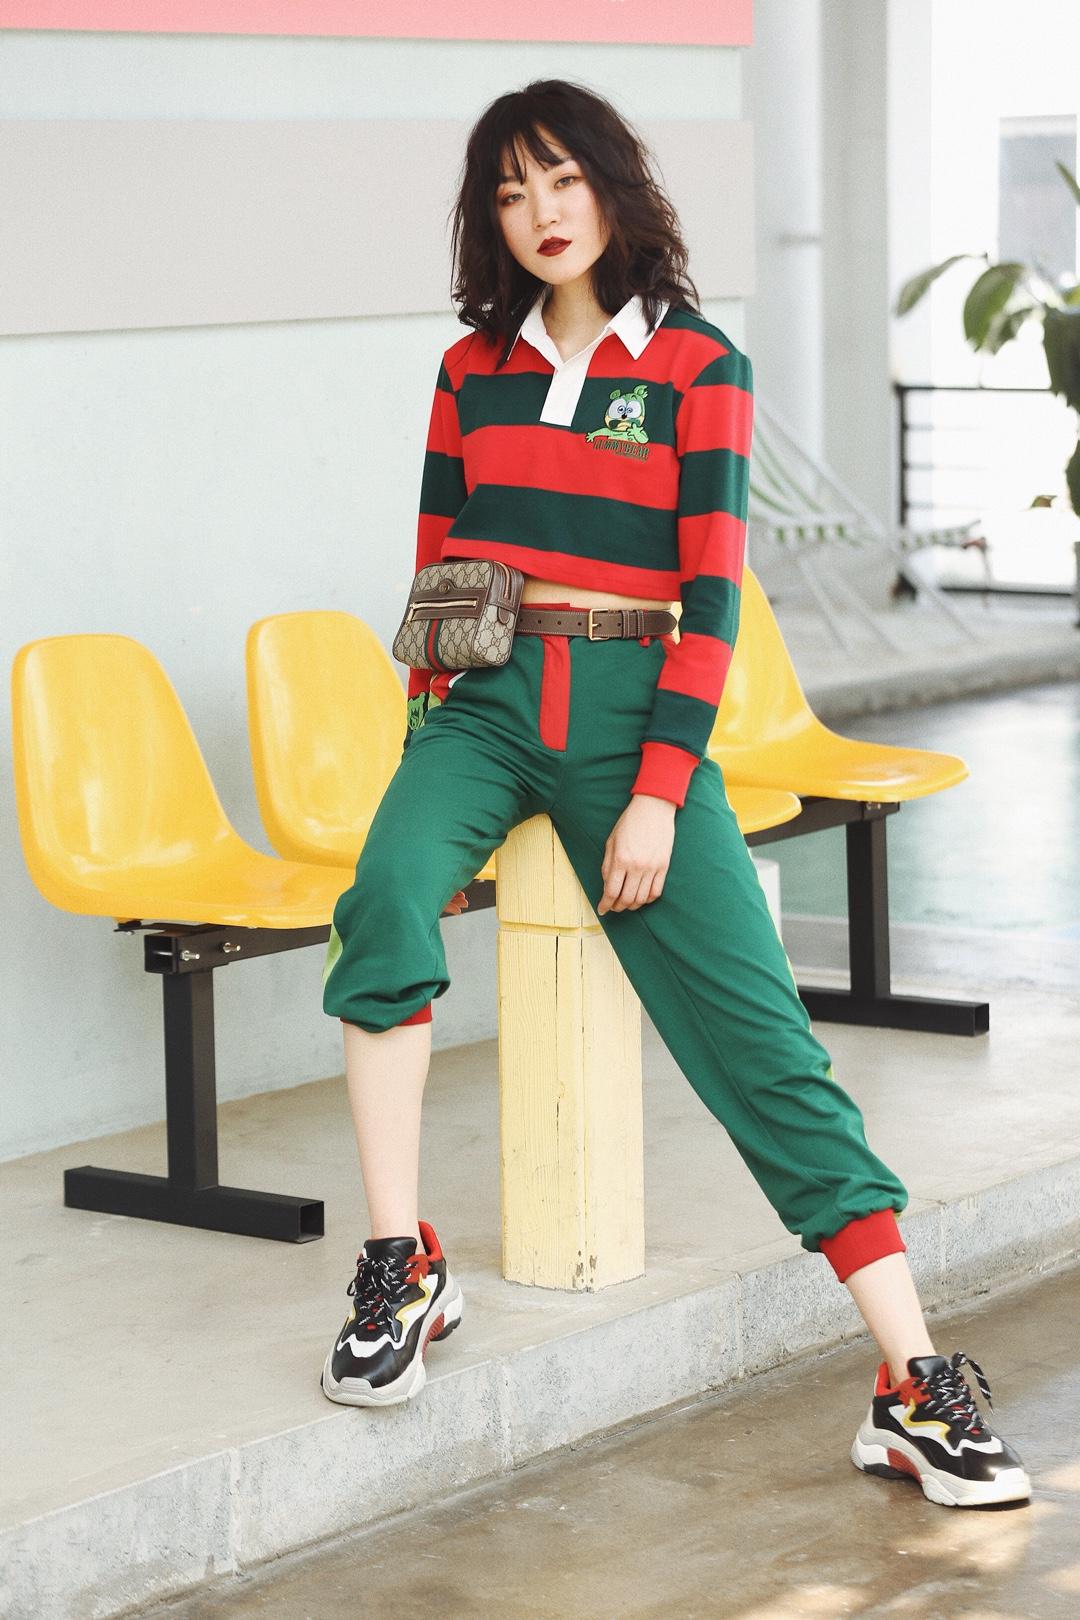 又又又又红配绿,对没错,如果喜欢上一种类就会痴迷,最近发现红绿色太好穿,于是一个不小心入了太多。最近的look能出一个系列了,我打算就叫它「今夏穿不完红绿搭」#盛夏和冰淇淋色更配哦!#